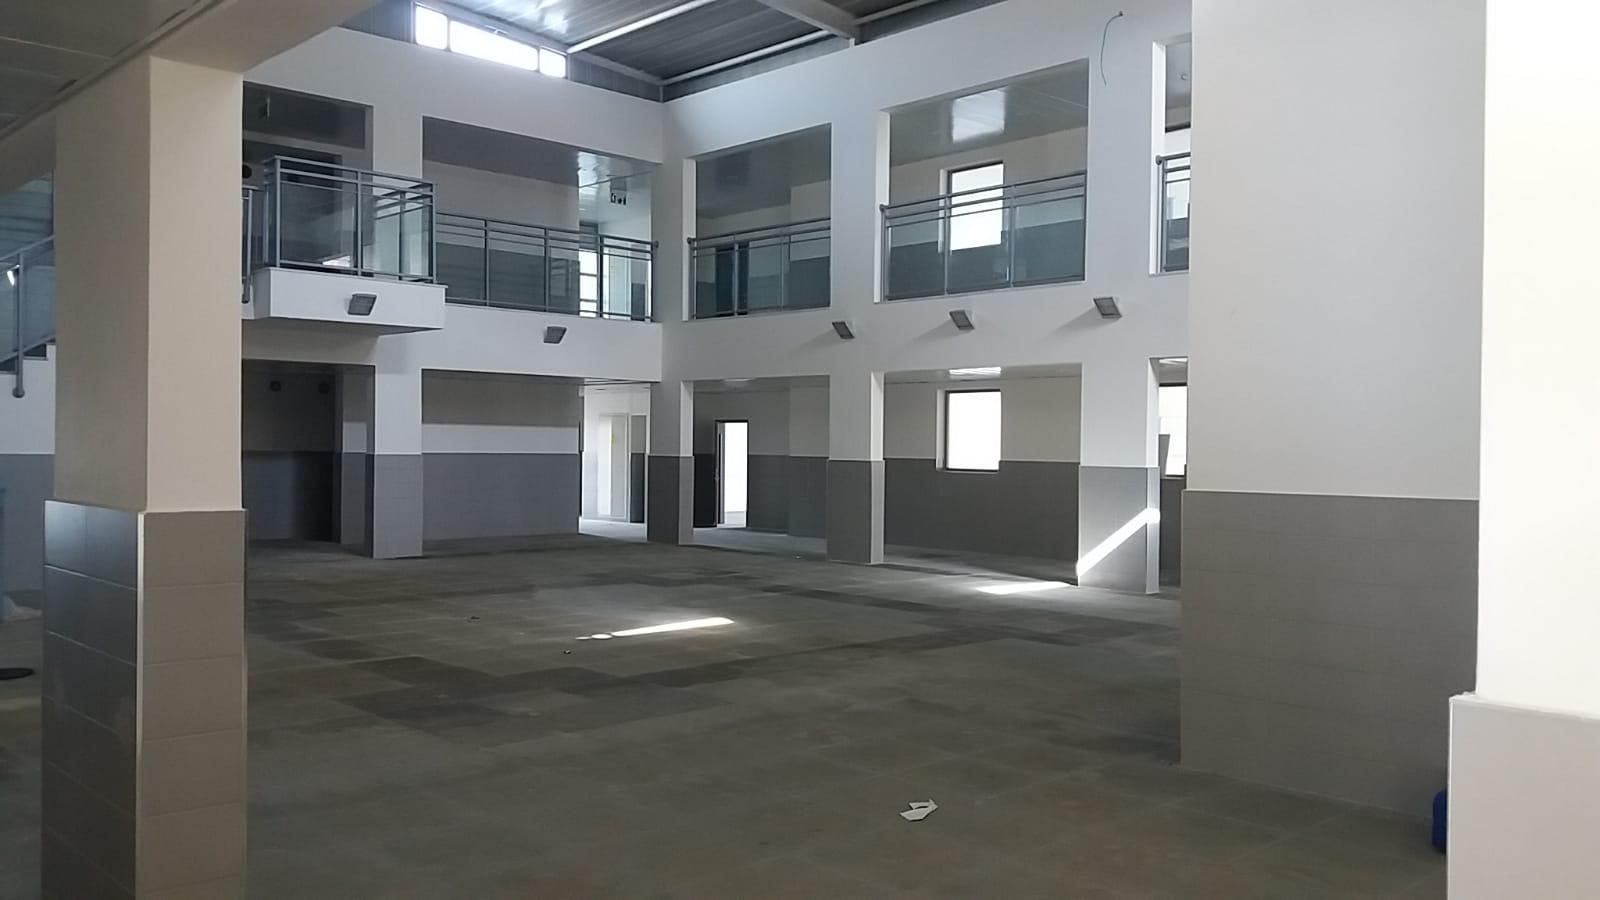 מבנה חדש לישיבה התיכונית (צילום: דוברות עיריית מודיעין מכבים רעות)